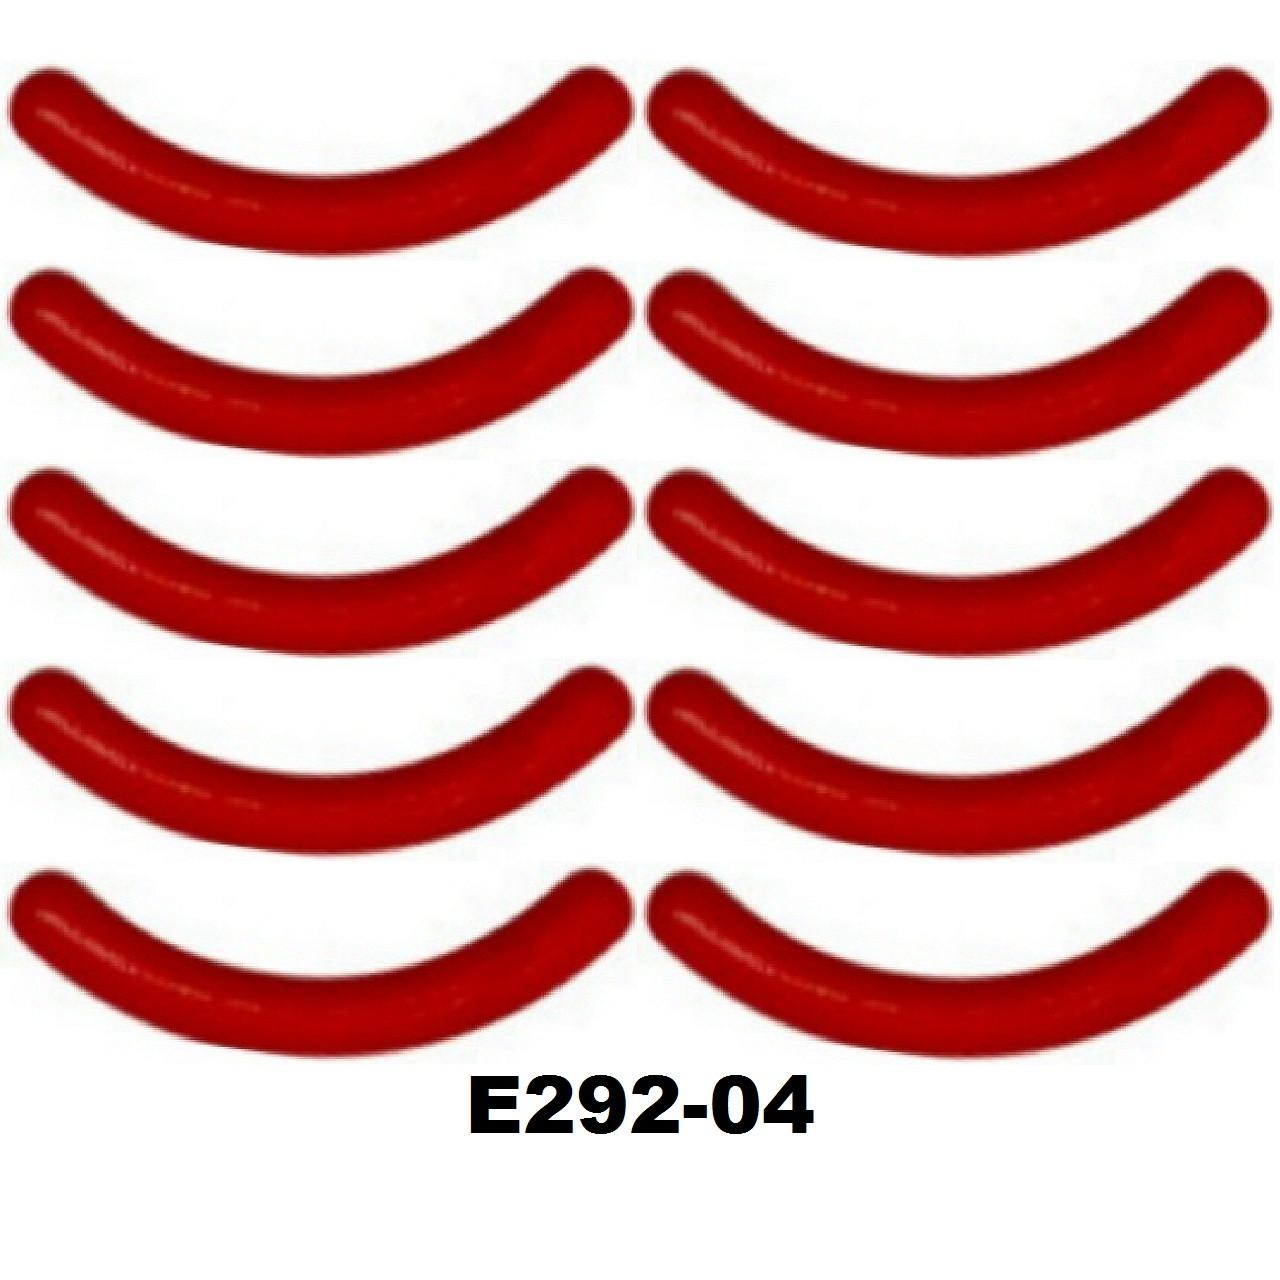 Сменные резинки в щипцы для завивки ресниц (15 видов) Силикон 10 шт, Красный